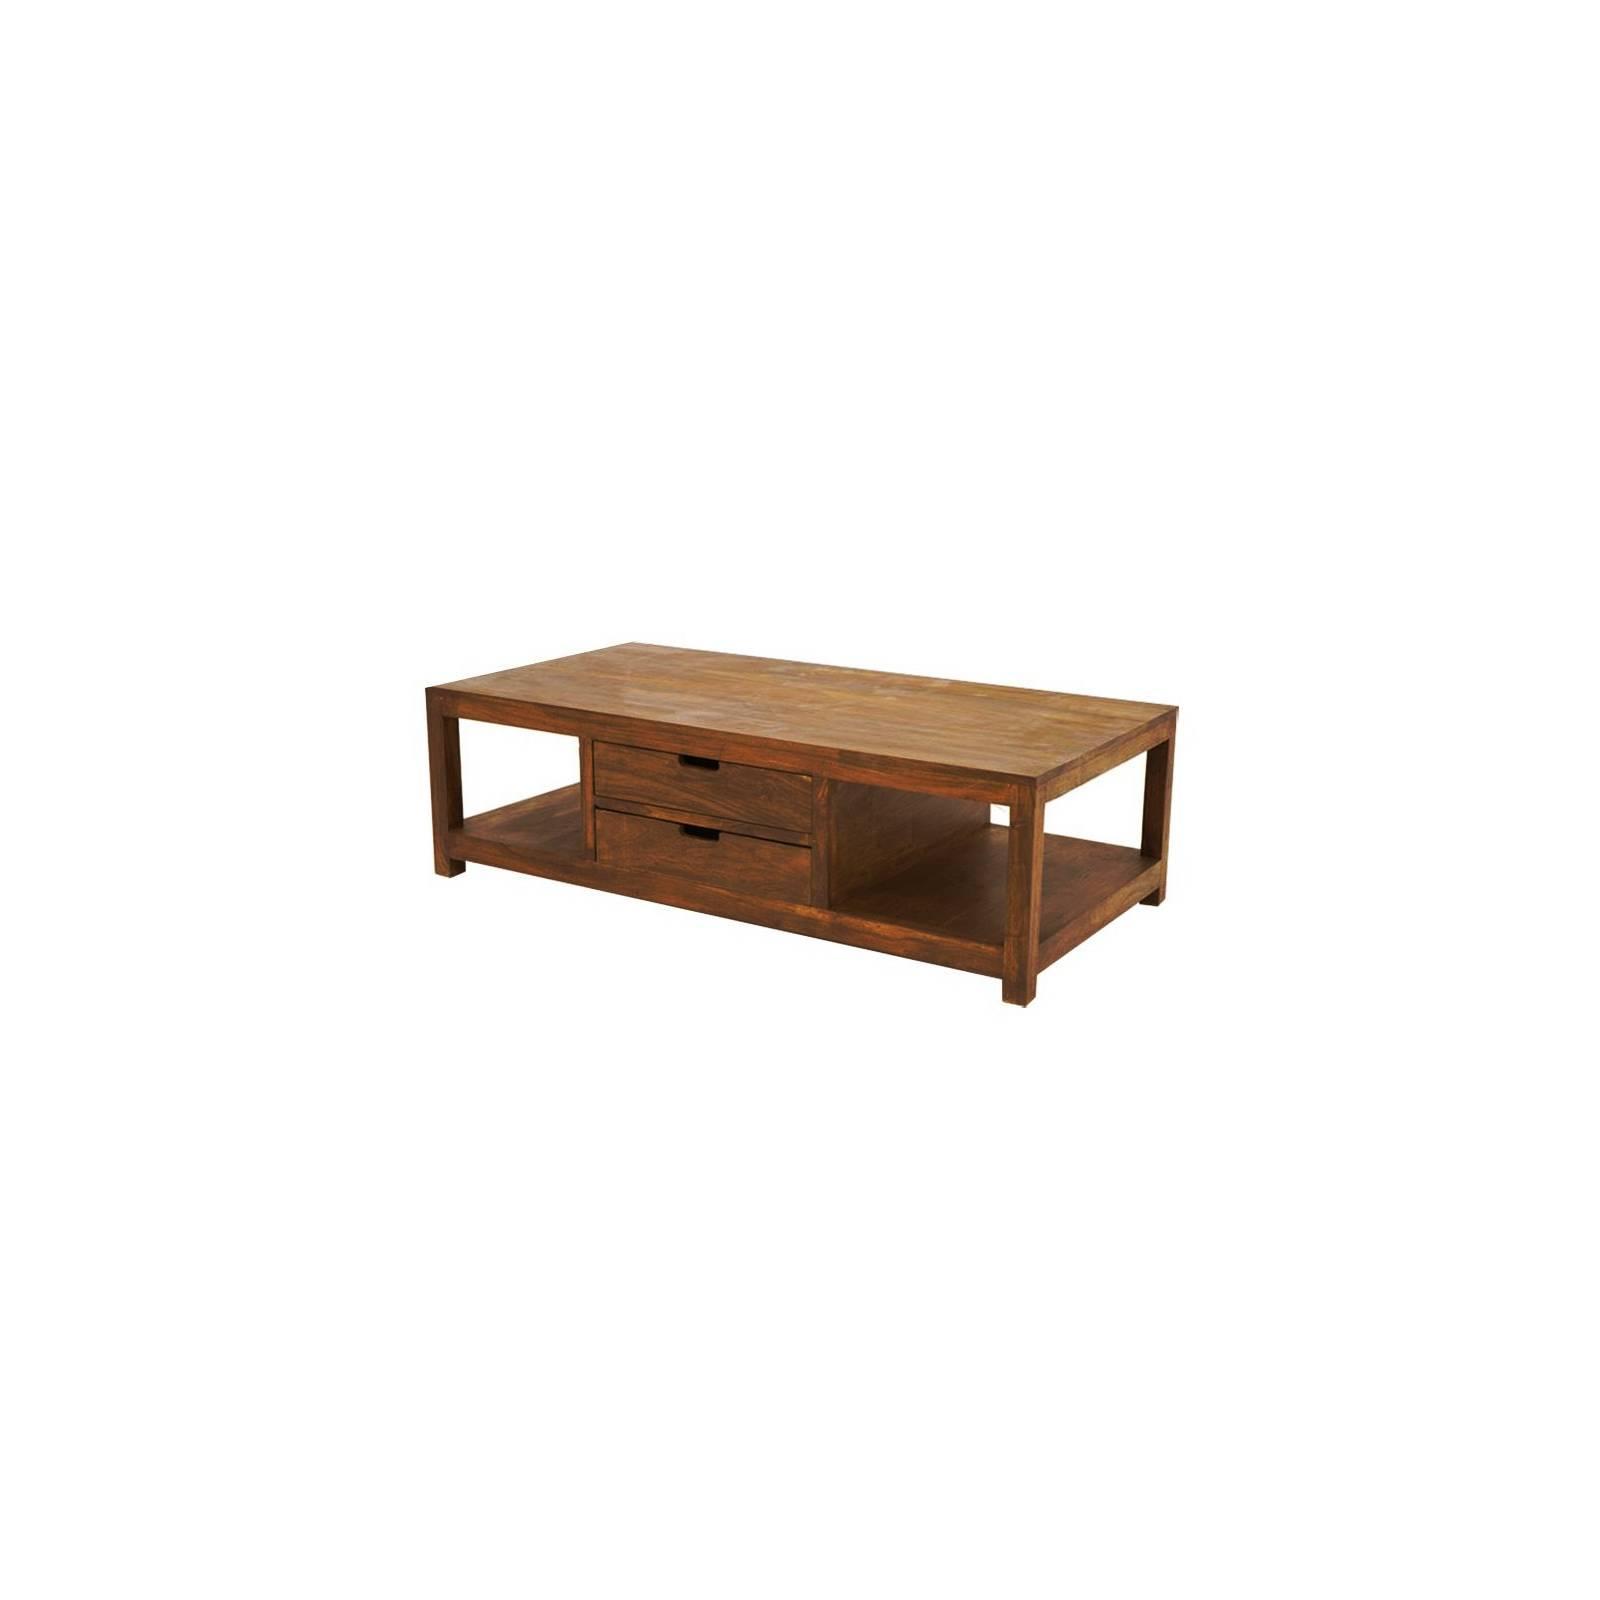 Art Déco Palissandre Basse Palissandre Table Palissandre Art Basse Table Basse Déco Table eE29YDHWI